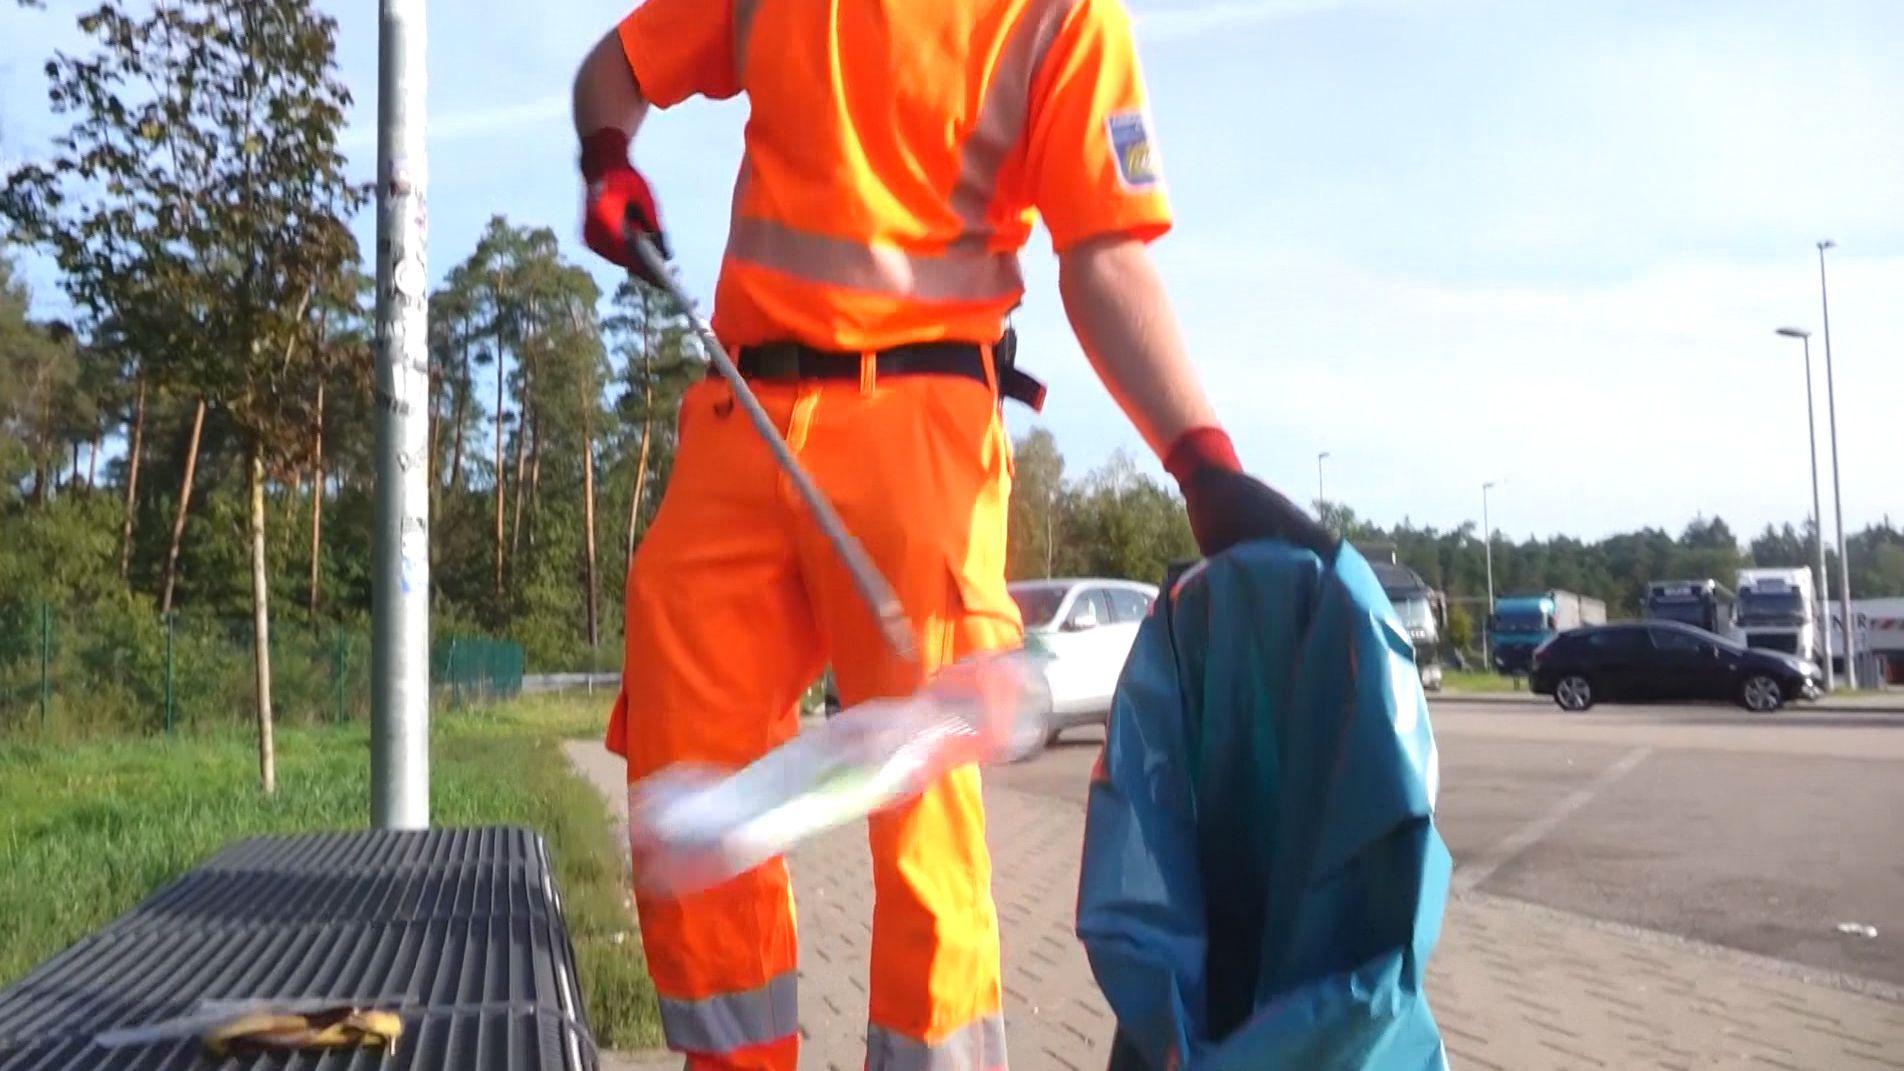 Plastik, Farbeimer und jede Menge Toilettenpapier: Mitarbeiter der Autobahnmeisterei beobachten, dass Auto- und Lastwagenfahrer von Tag zu Tag mehr Müll auf den Rasthöfen und Parkplätzen an der A3 abladen.